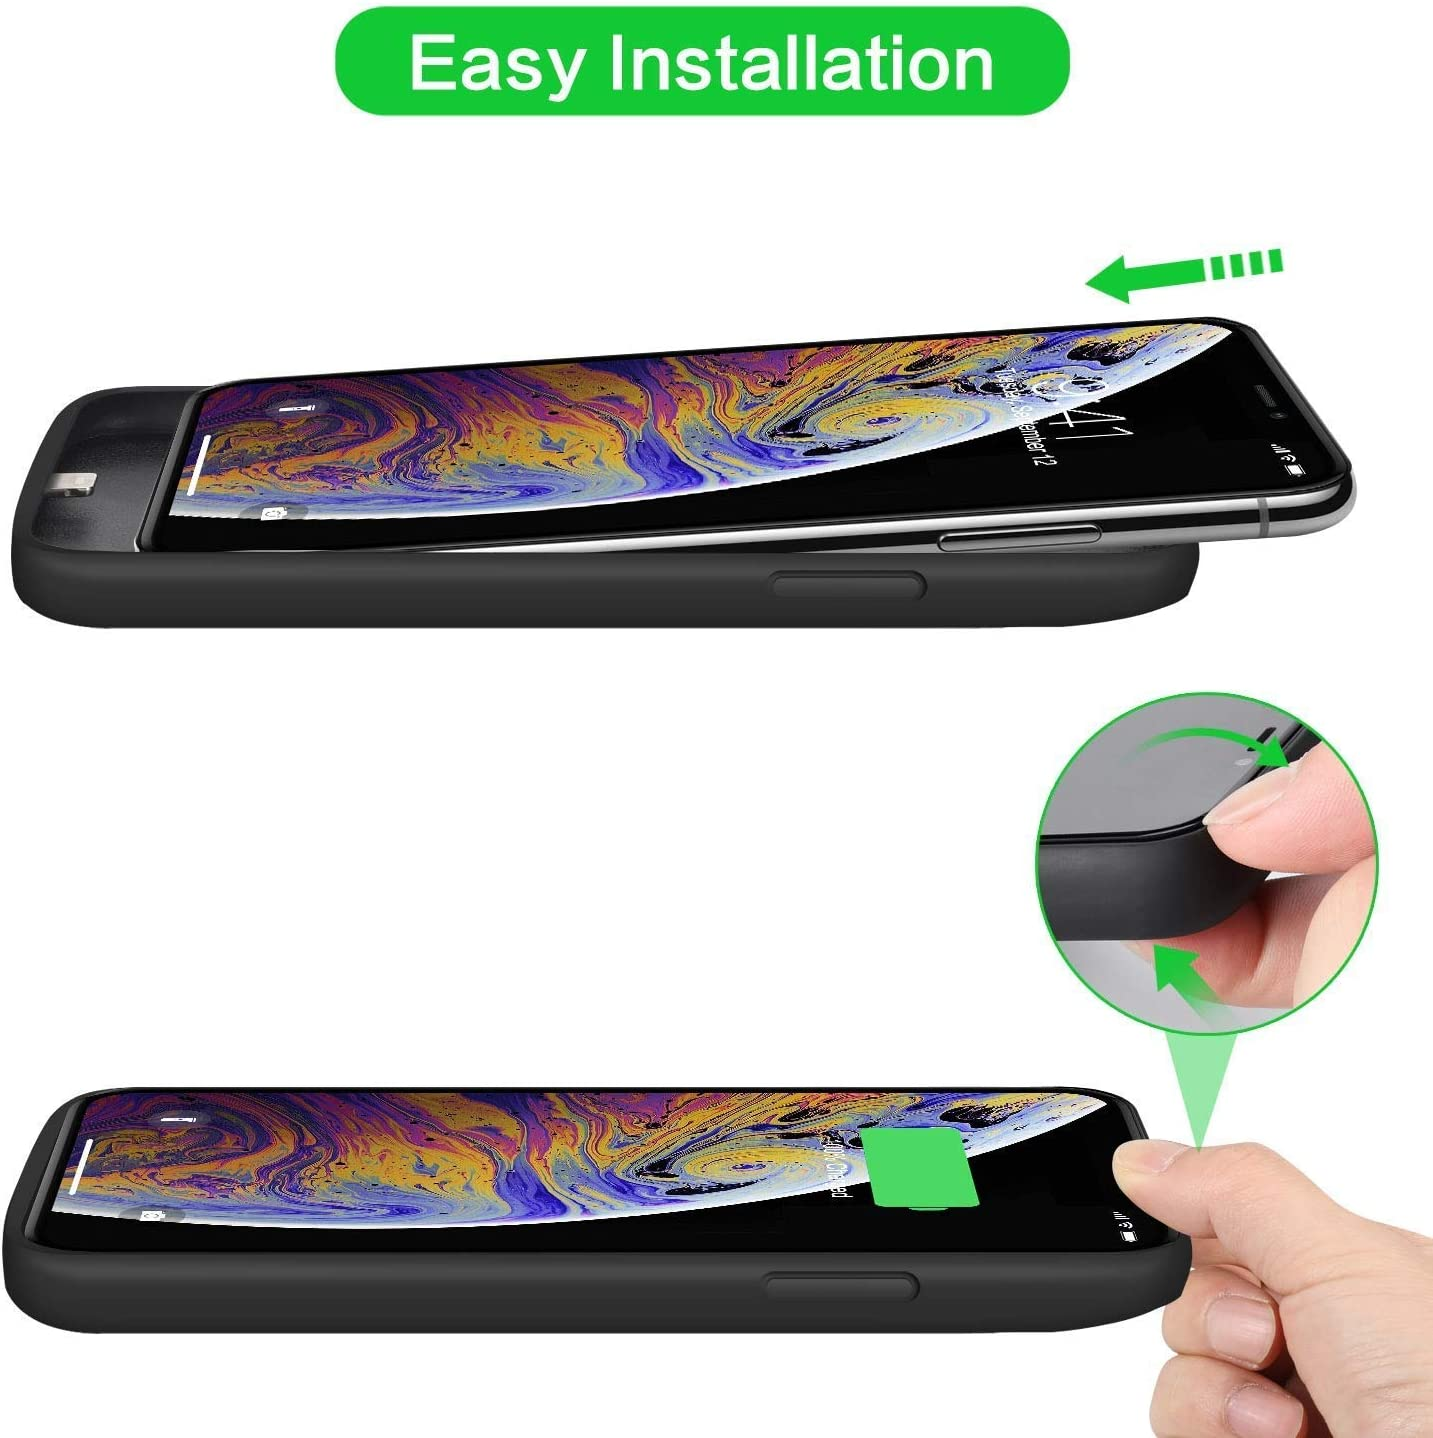 Coque batterie pour iPhone X/XS/10, 6500 mAh mise à niveau rechargeable Coque de chargement étendue pour iPhone XS Coque de protection pour téléphone ...